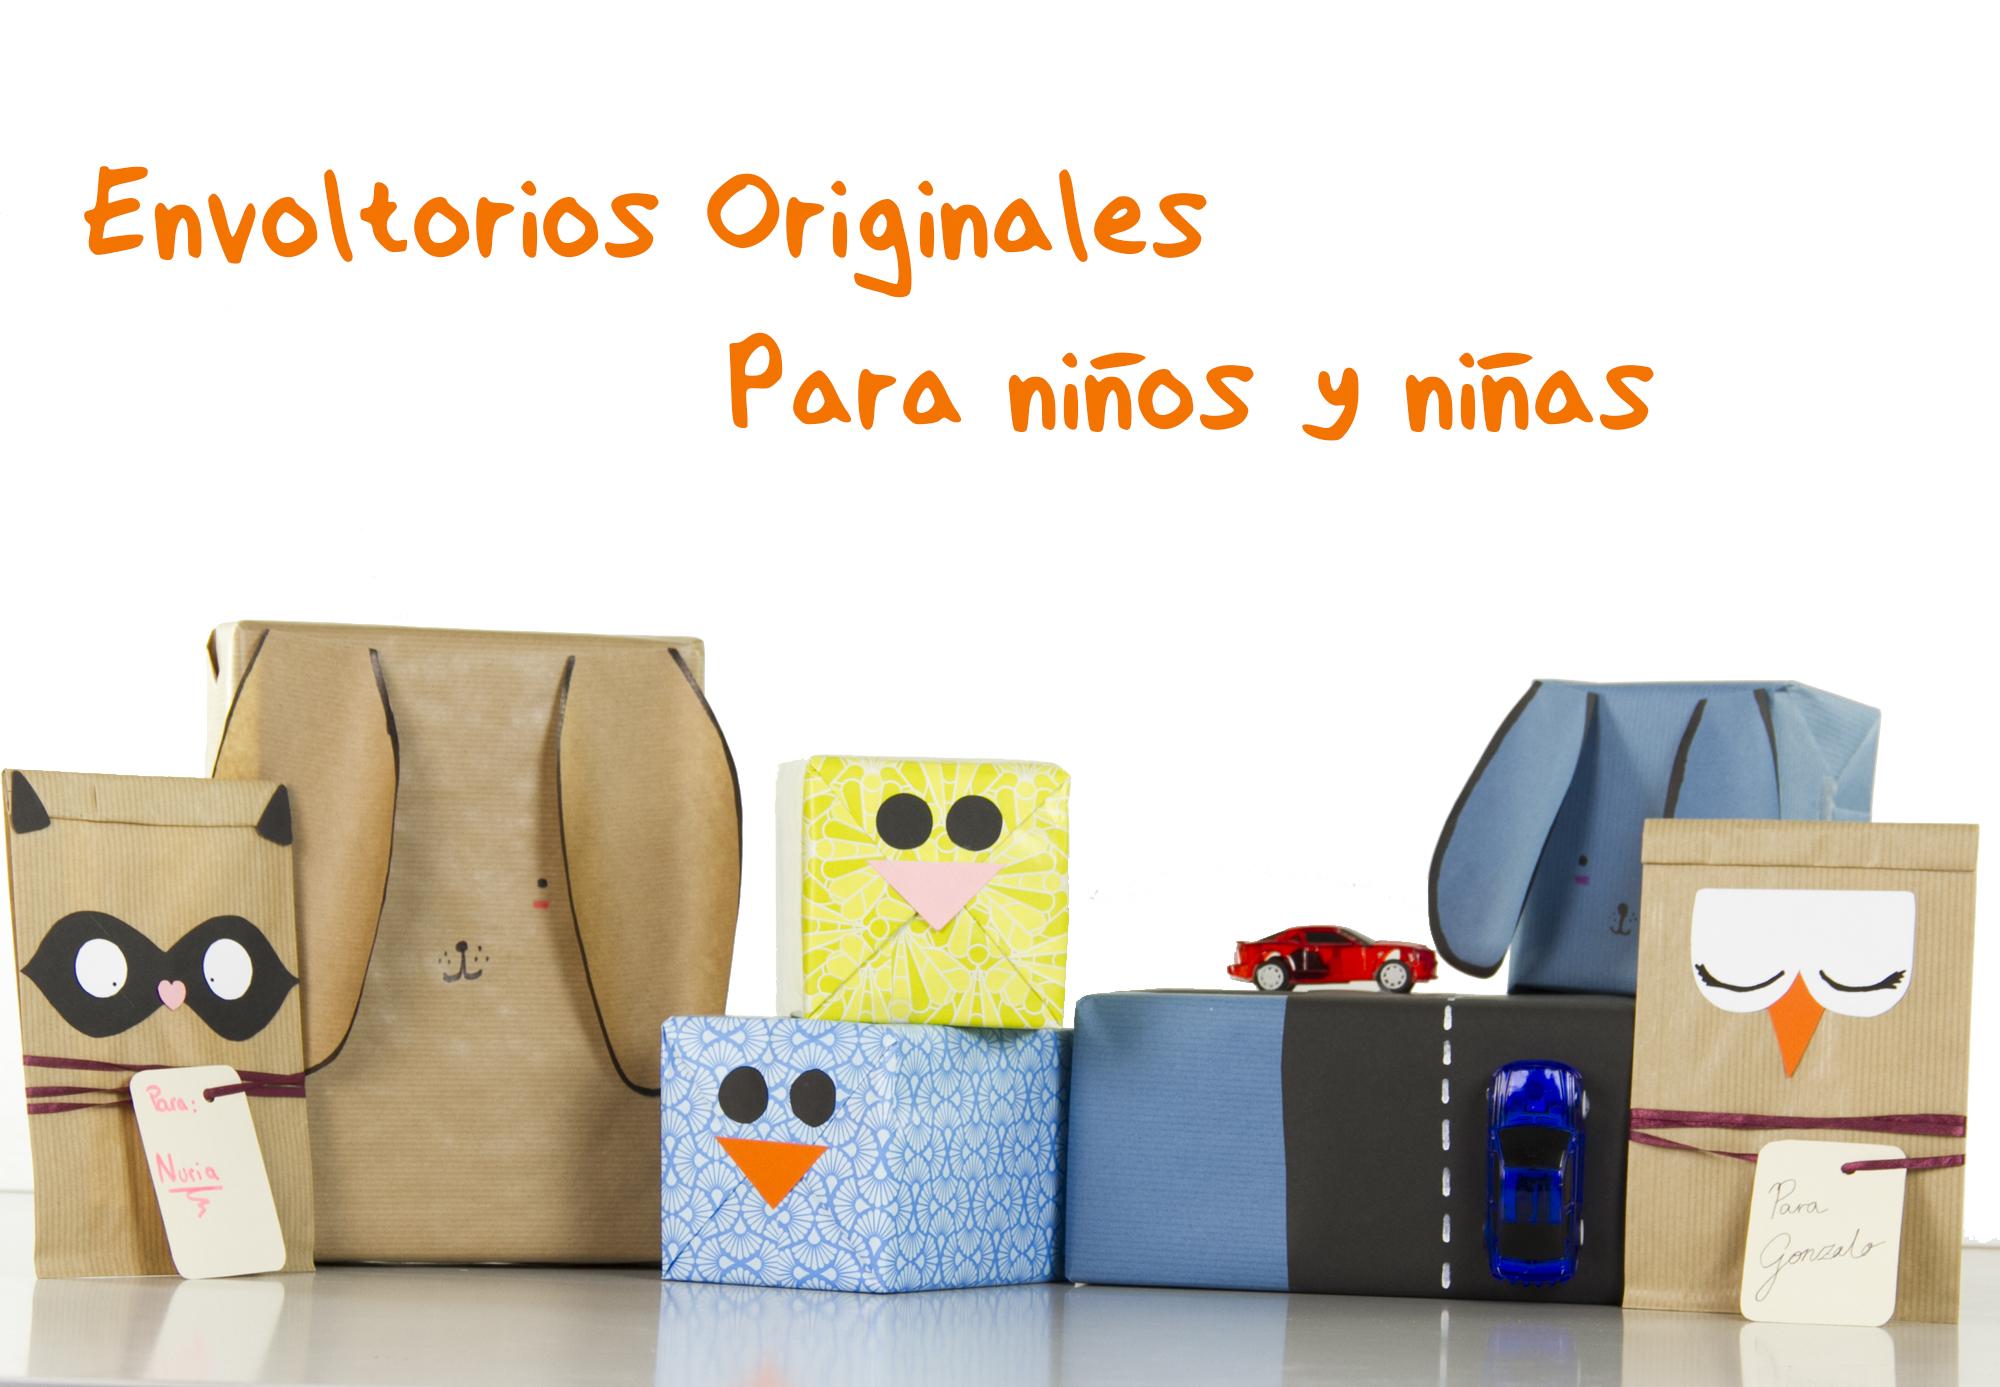 Envoltorios originales y fáciles para niños y niñas – El blog de ...